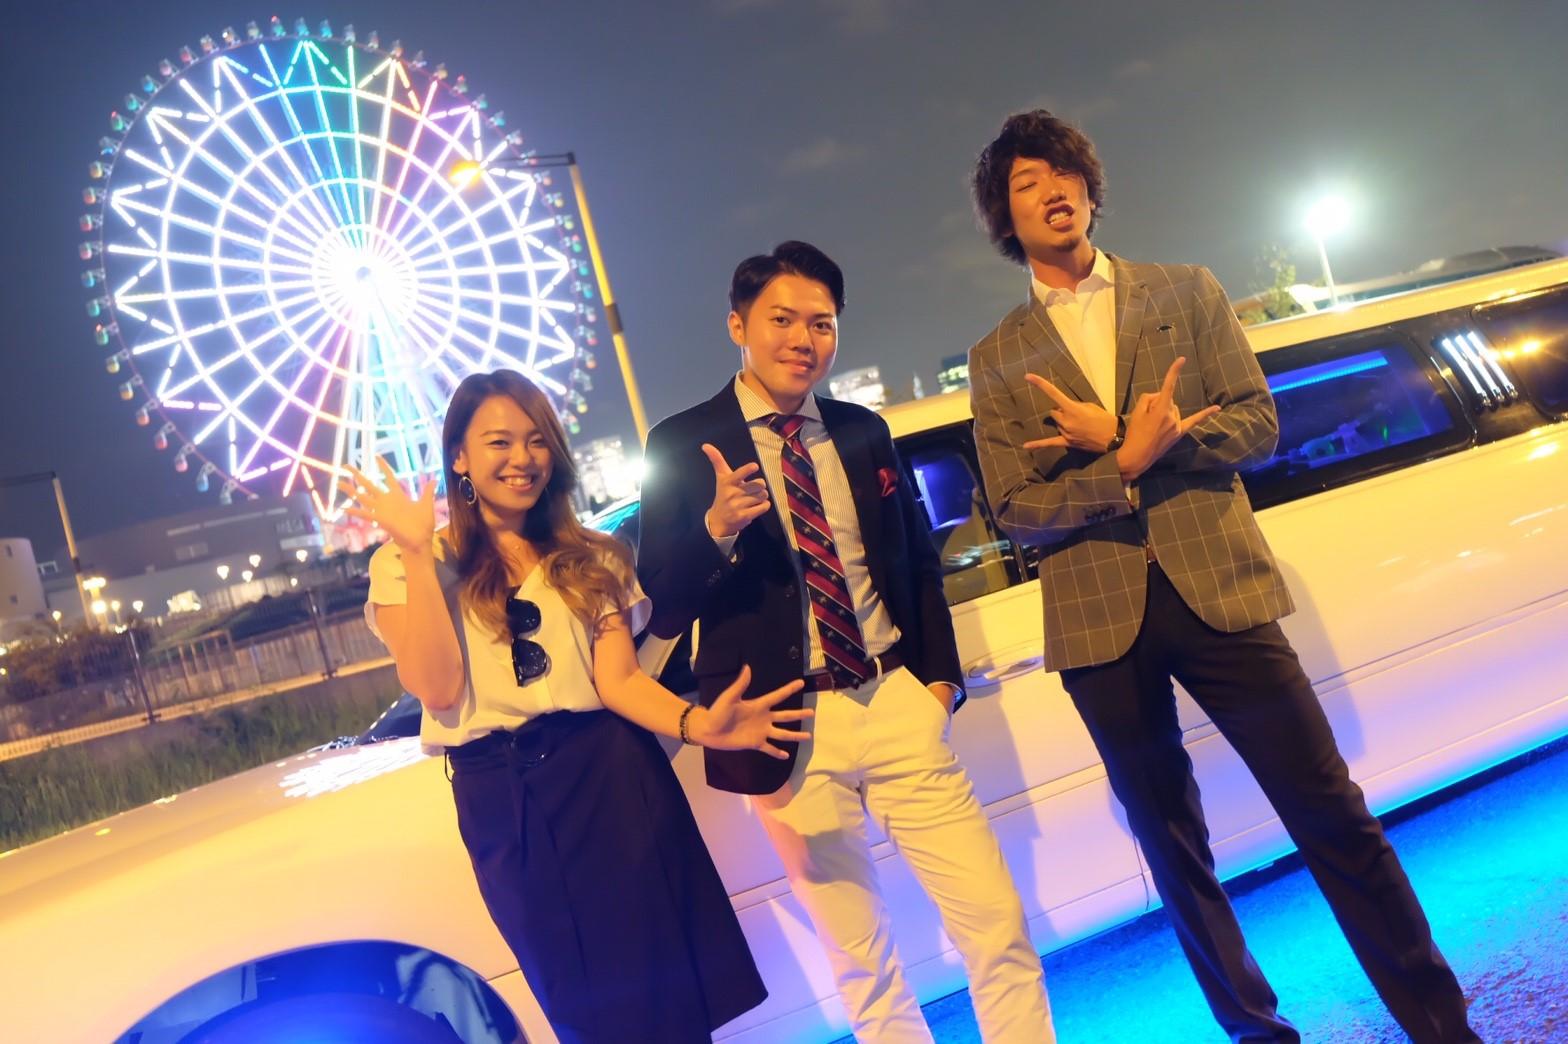 リムジンでパーティーが楽しめるリムジンパーティー東京 (31)